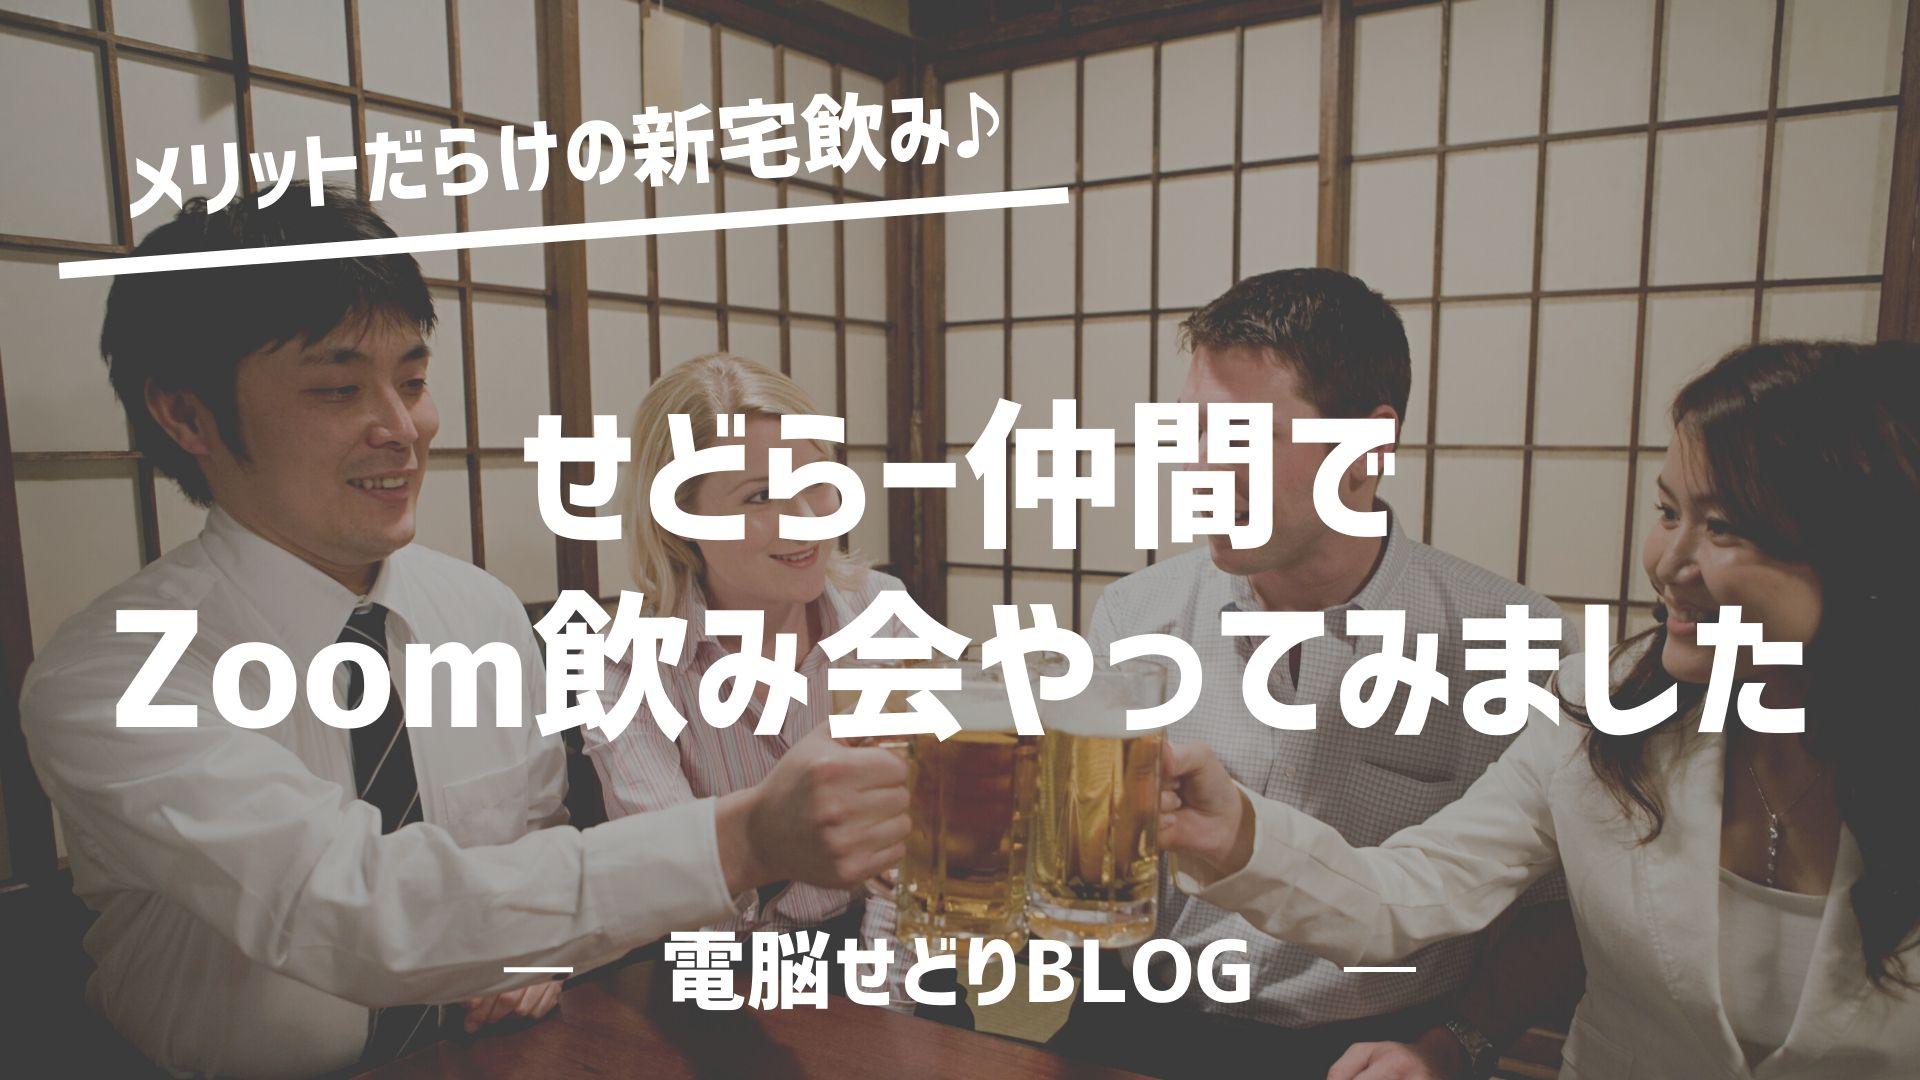 北海道のせどらー仲間で『Zoom飲み会』開催した結果⇒楽しすぎましたw